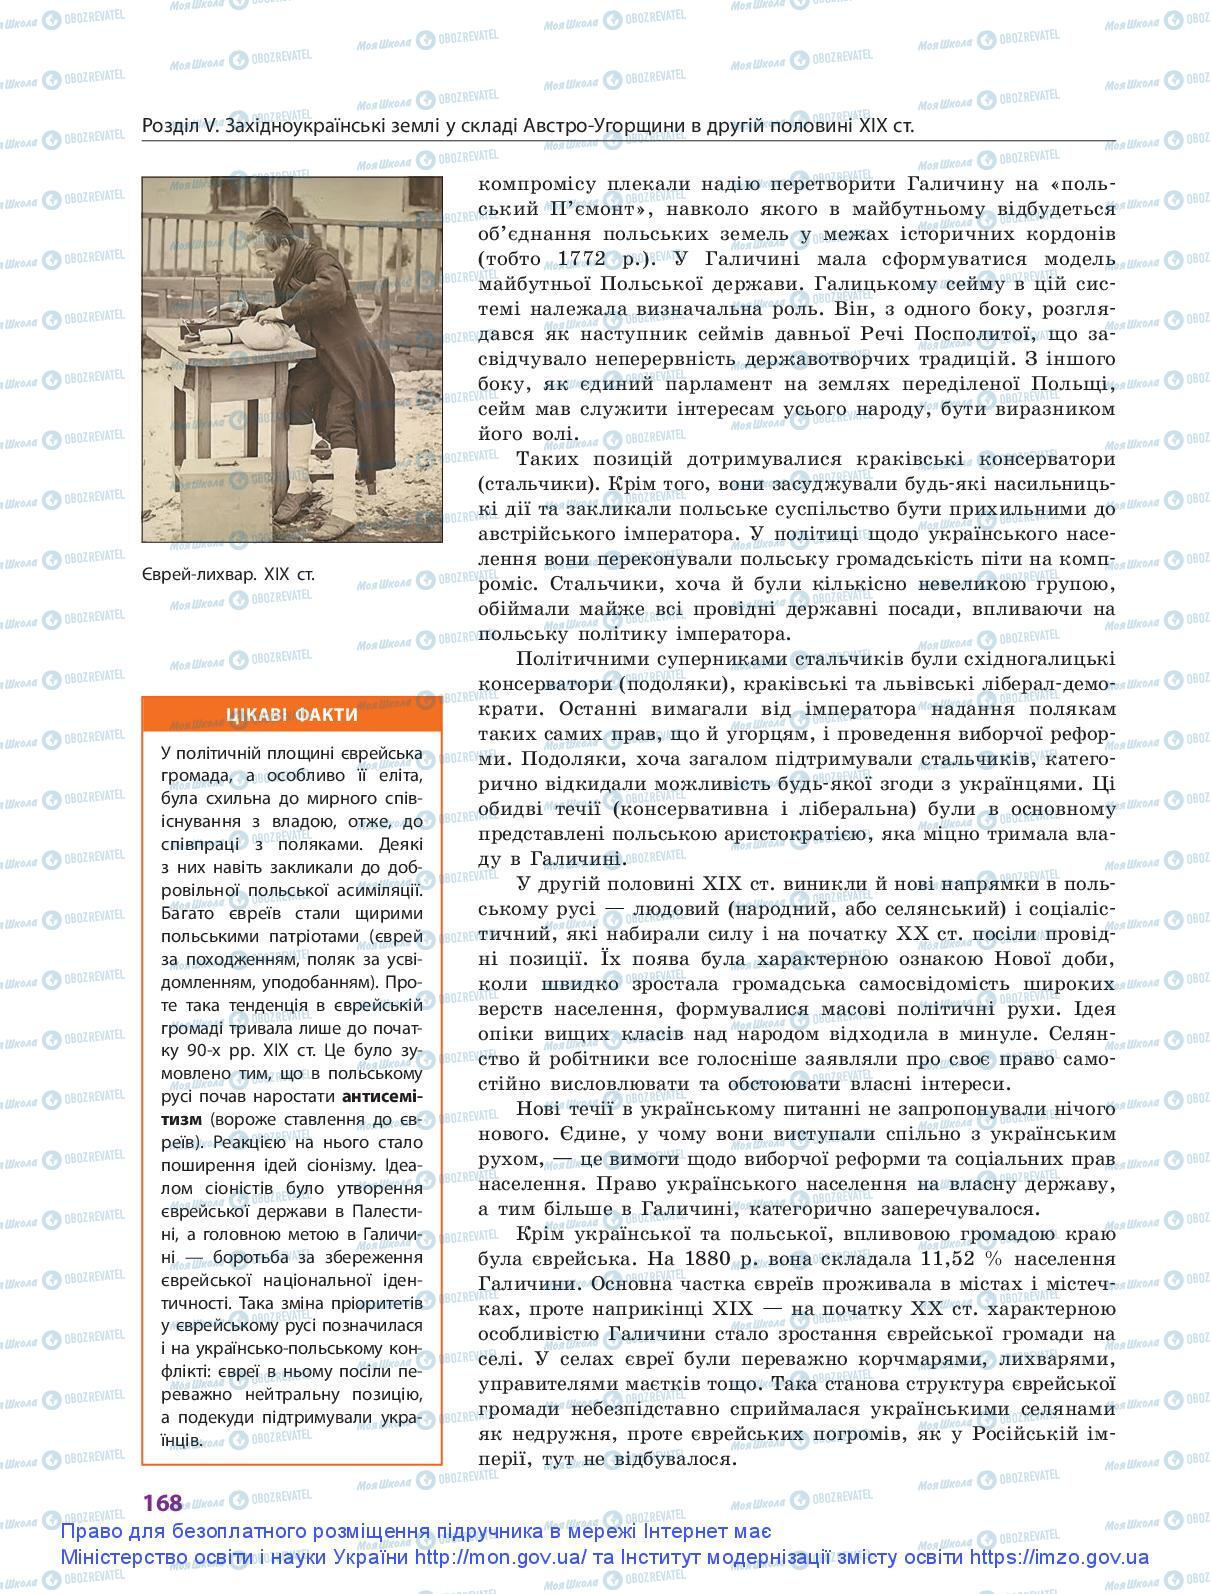 Підручники Історія України 9 клас сторінка 168